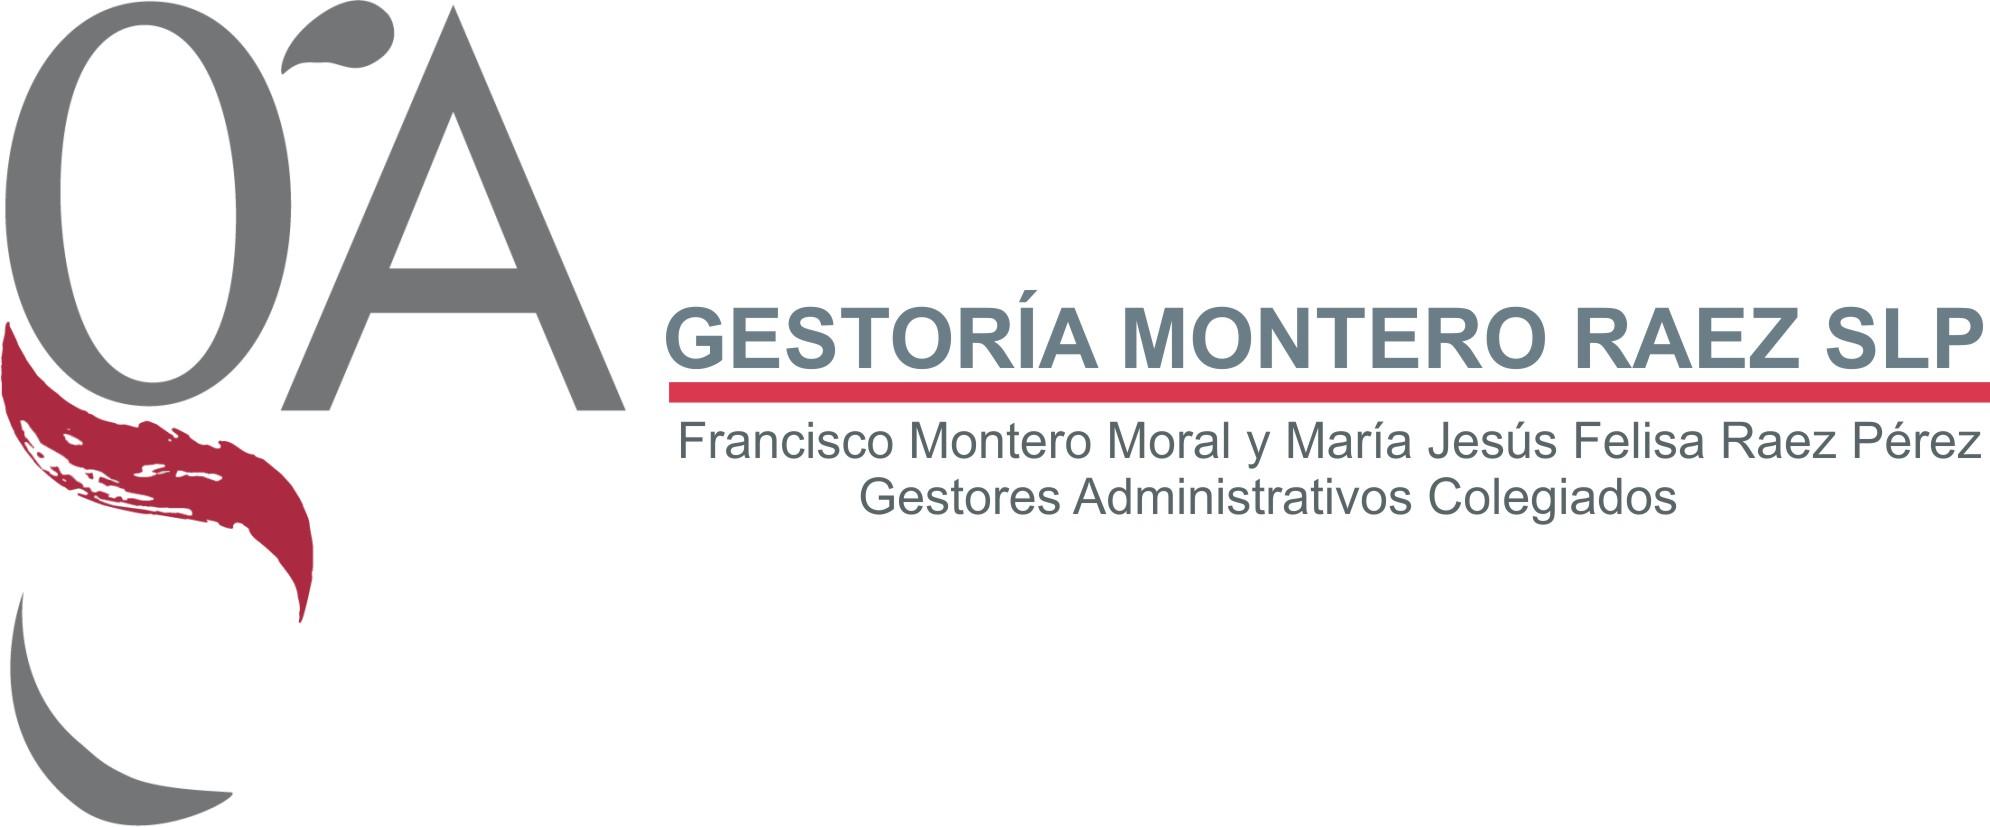 Gestoría Montero